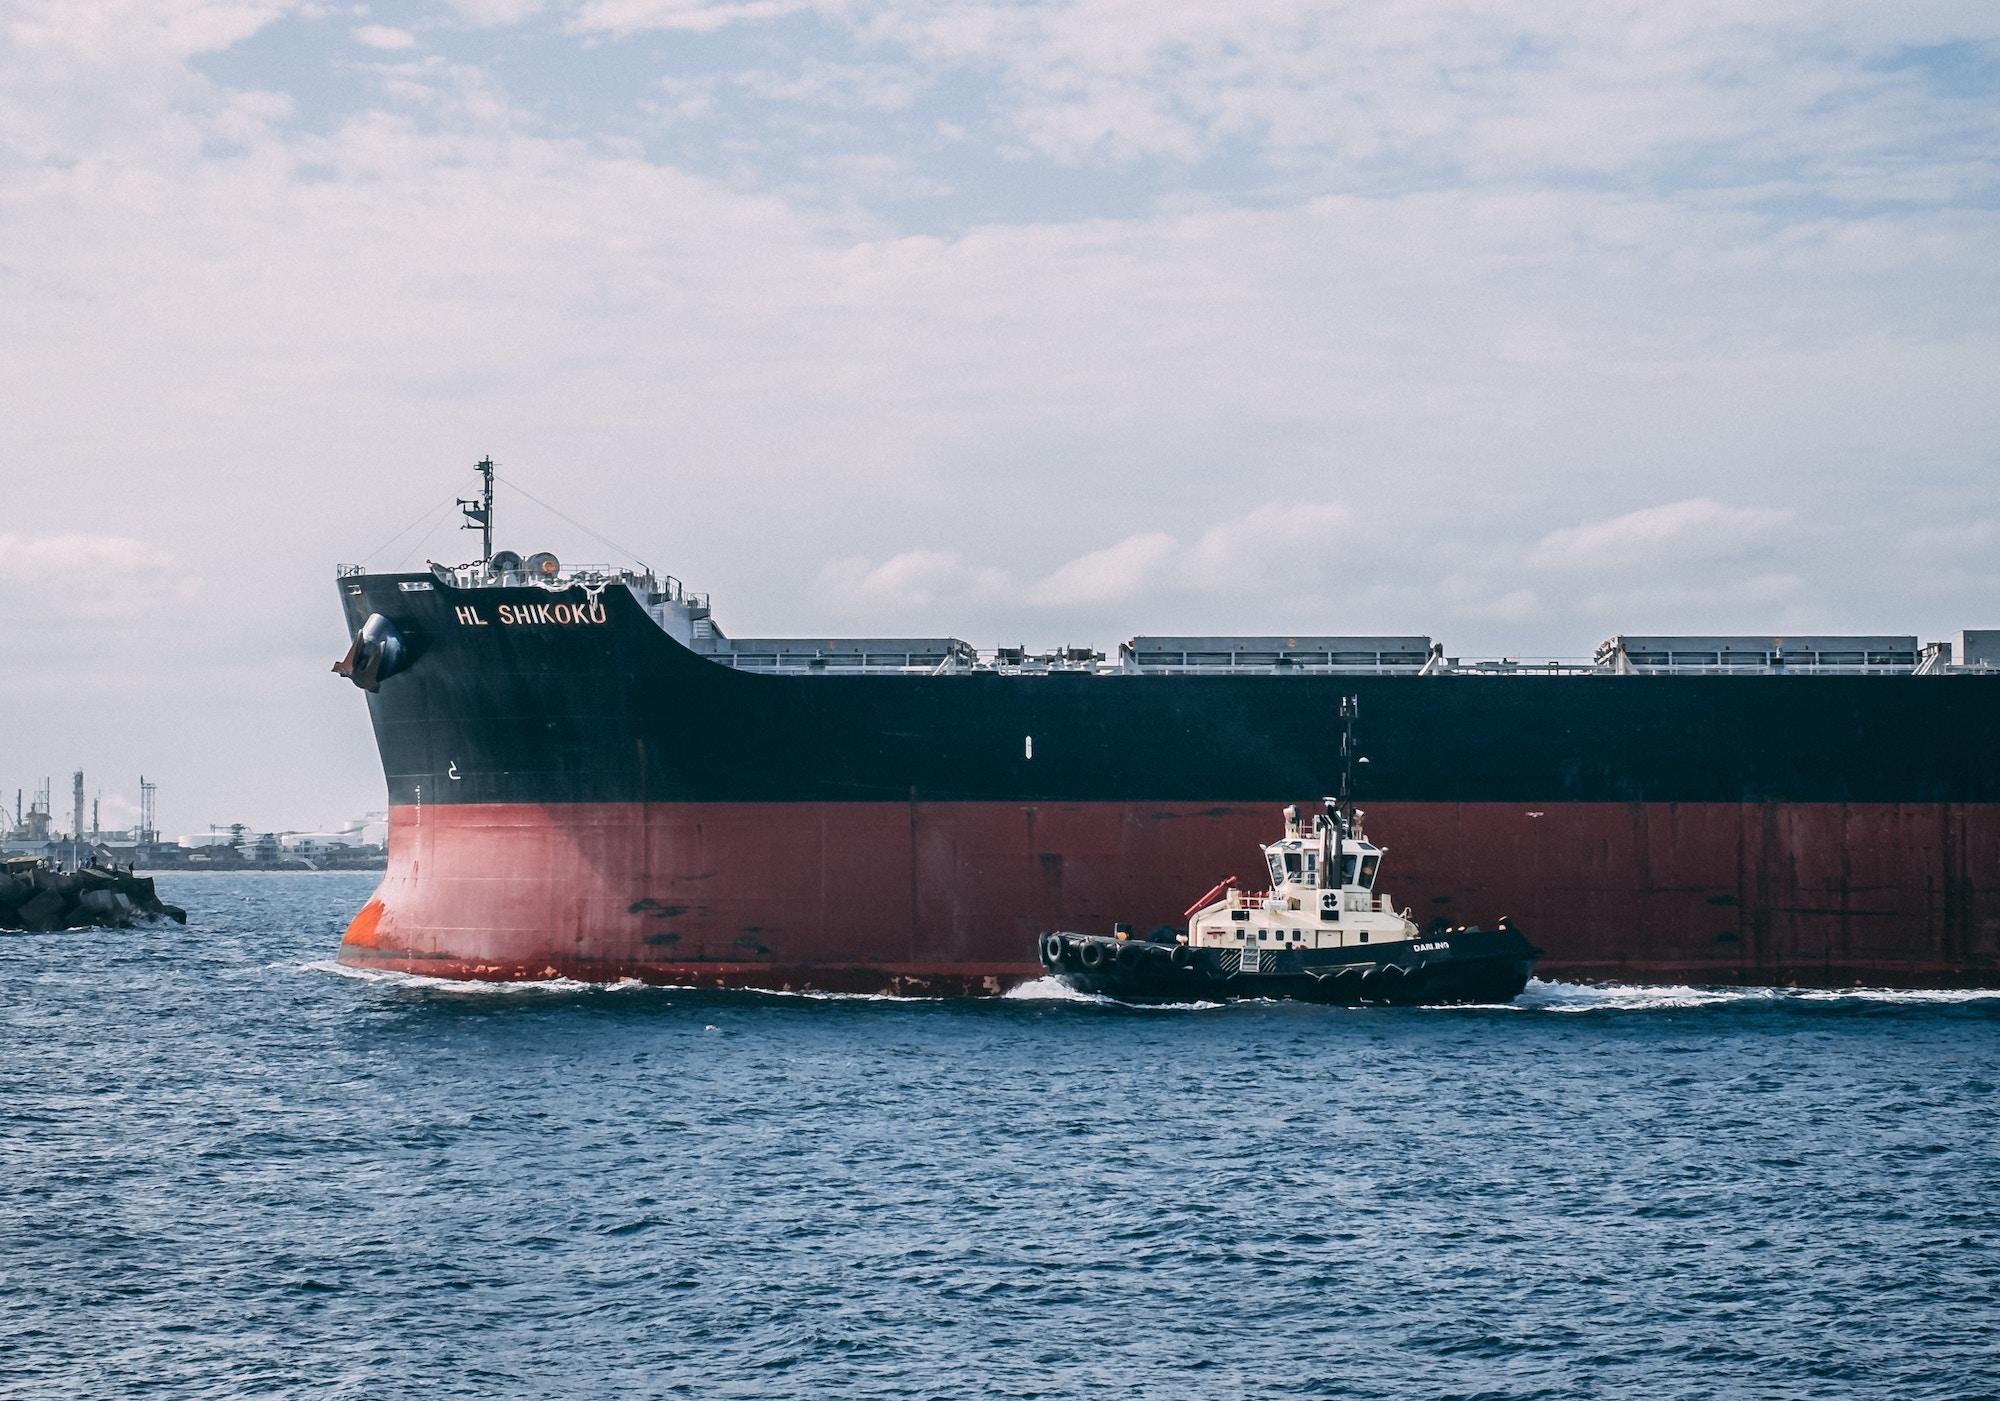 V Ukraїni rozpočaly pošuk nafty ta gazu v Čornomu mori